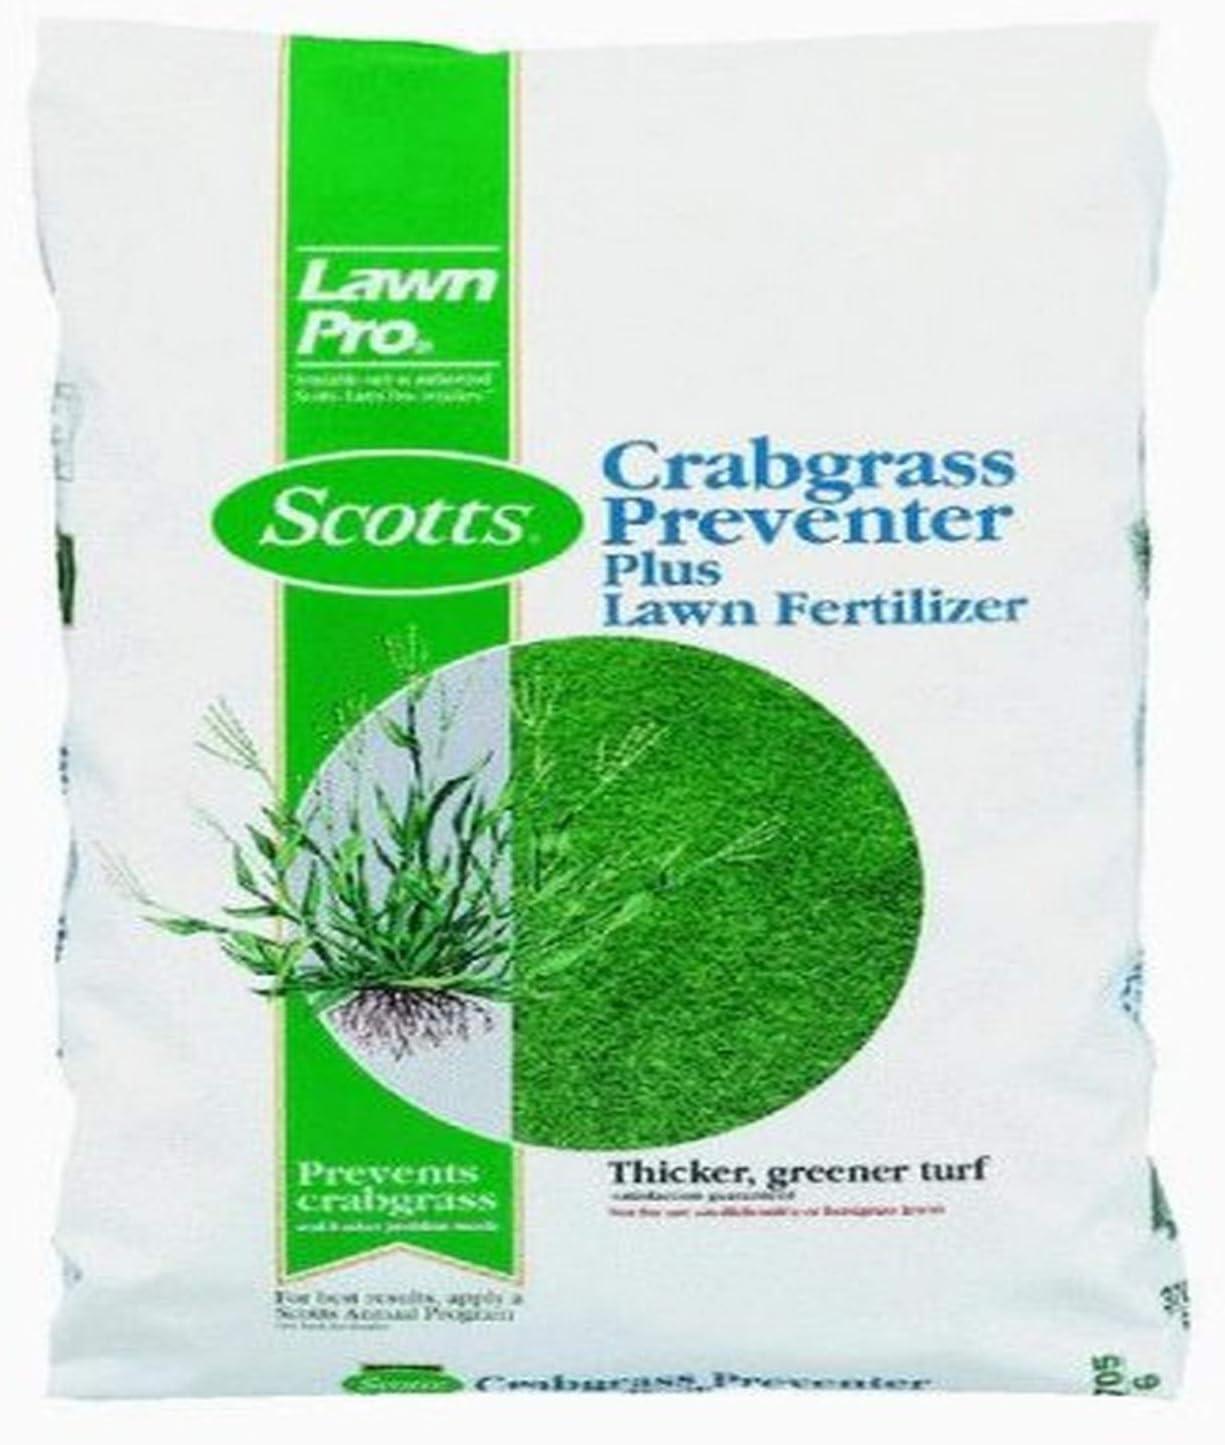 Scotts LawnPro Crab Grass Preventer Plus Lawn Fertilizer - 14 lb. 39605